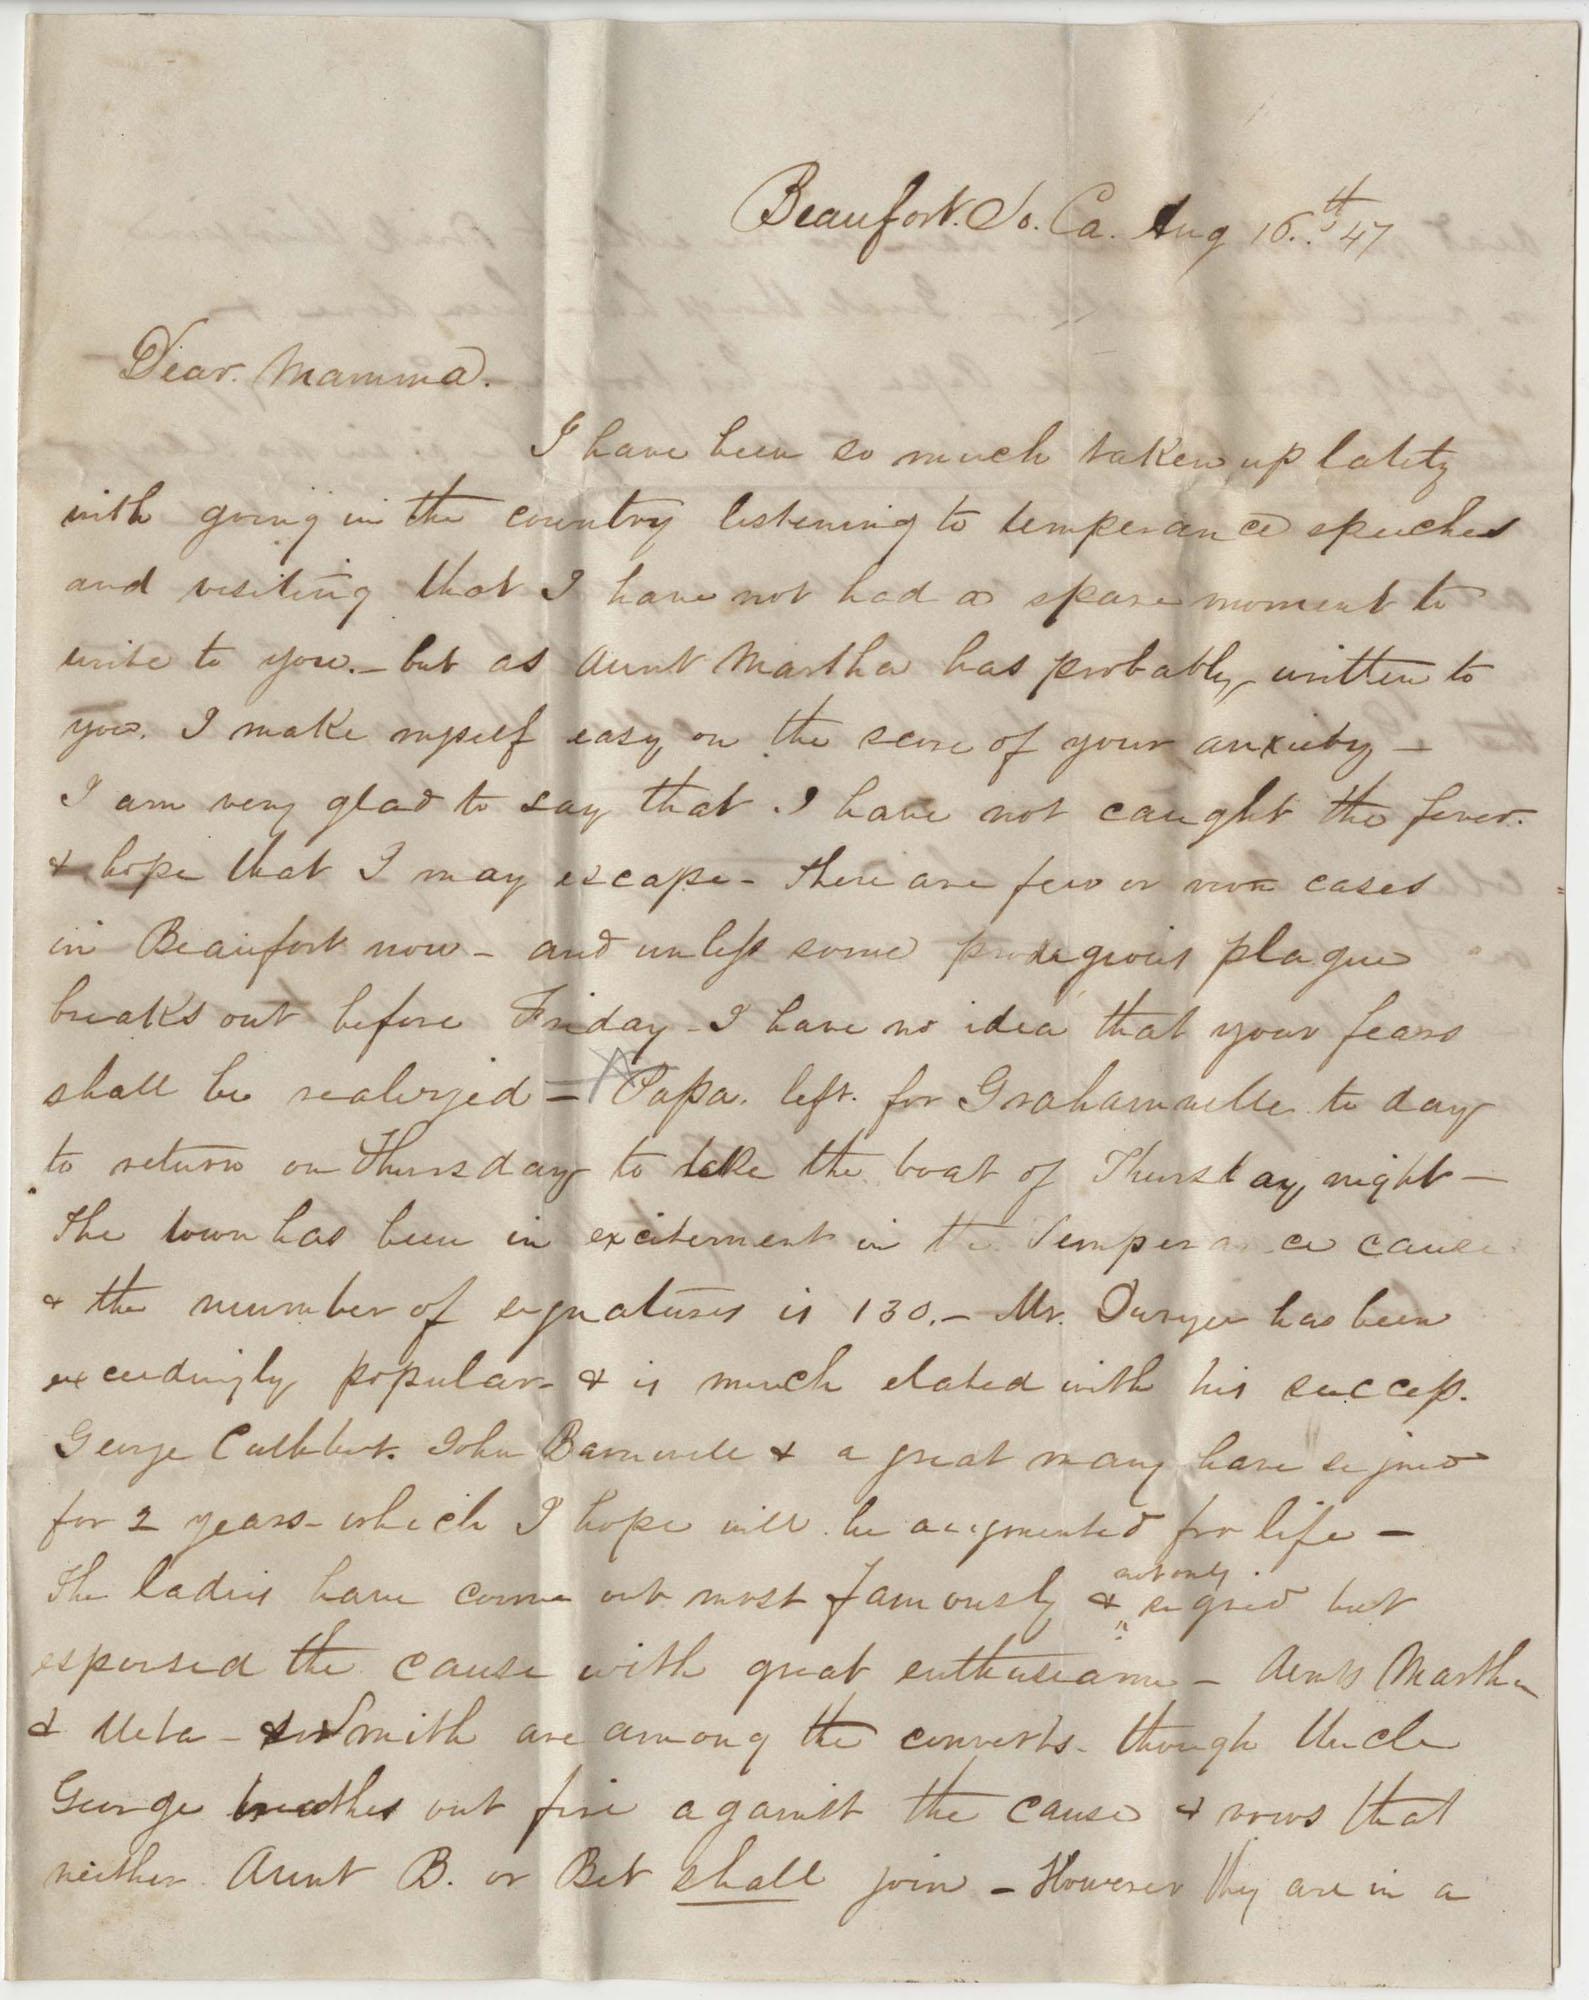 260.  Robert Woodward Barnwell to Catherine Osborn Barnwell -- August 16, 1847